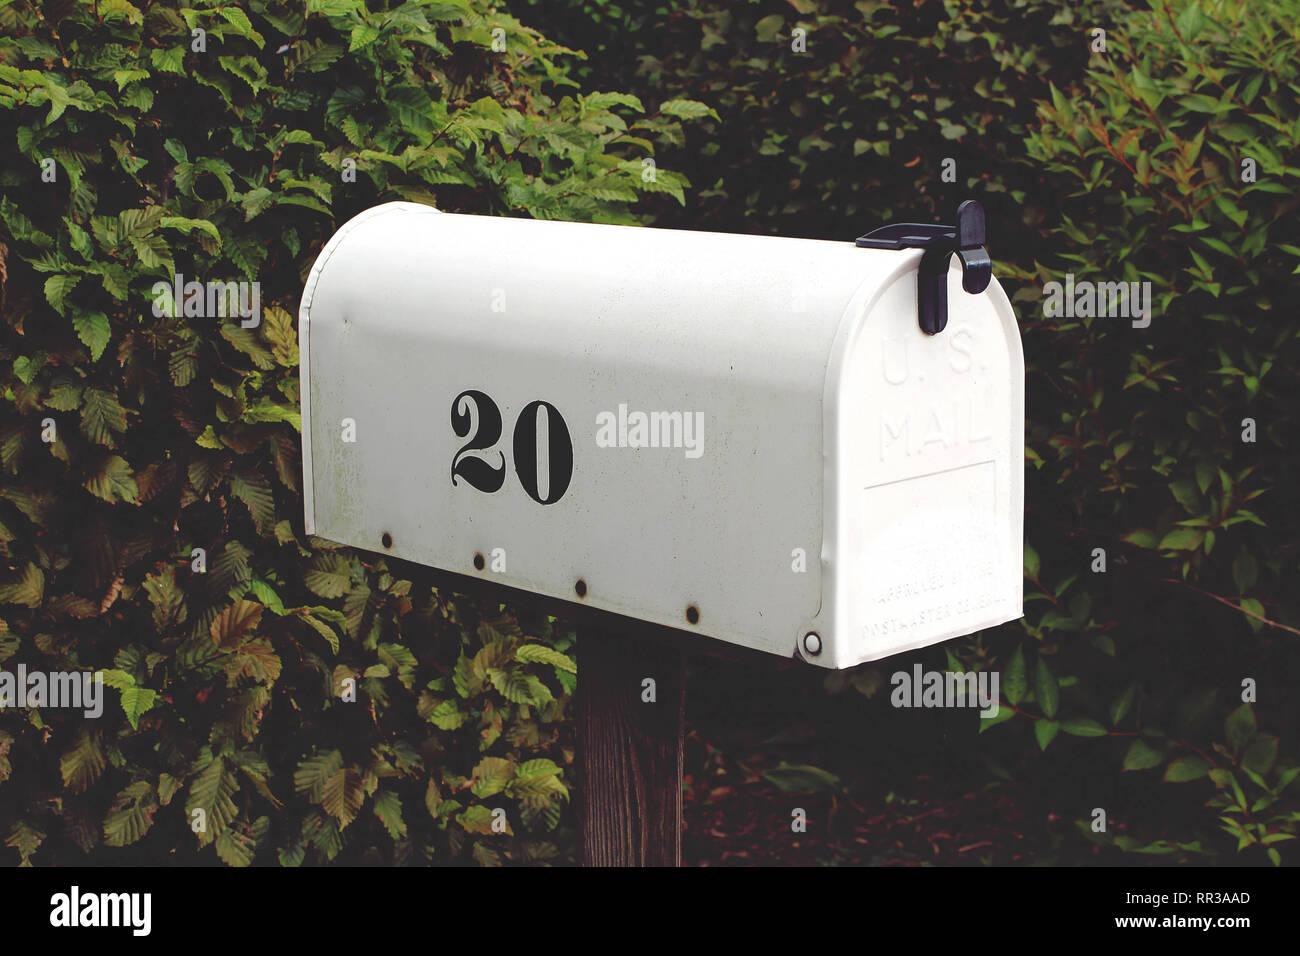 Nahaufnahme von einem weißen Tunnel-Postfach mit der Nummer 20 in Schwarz auf der Seite Stockbild